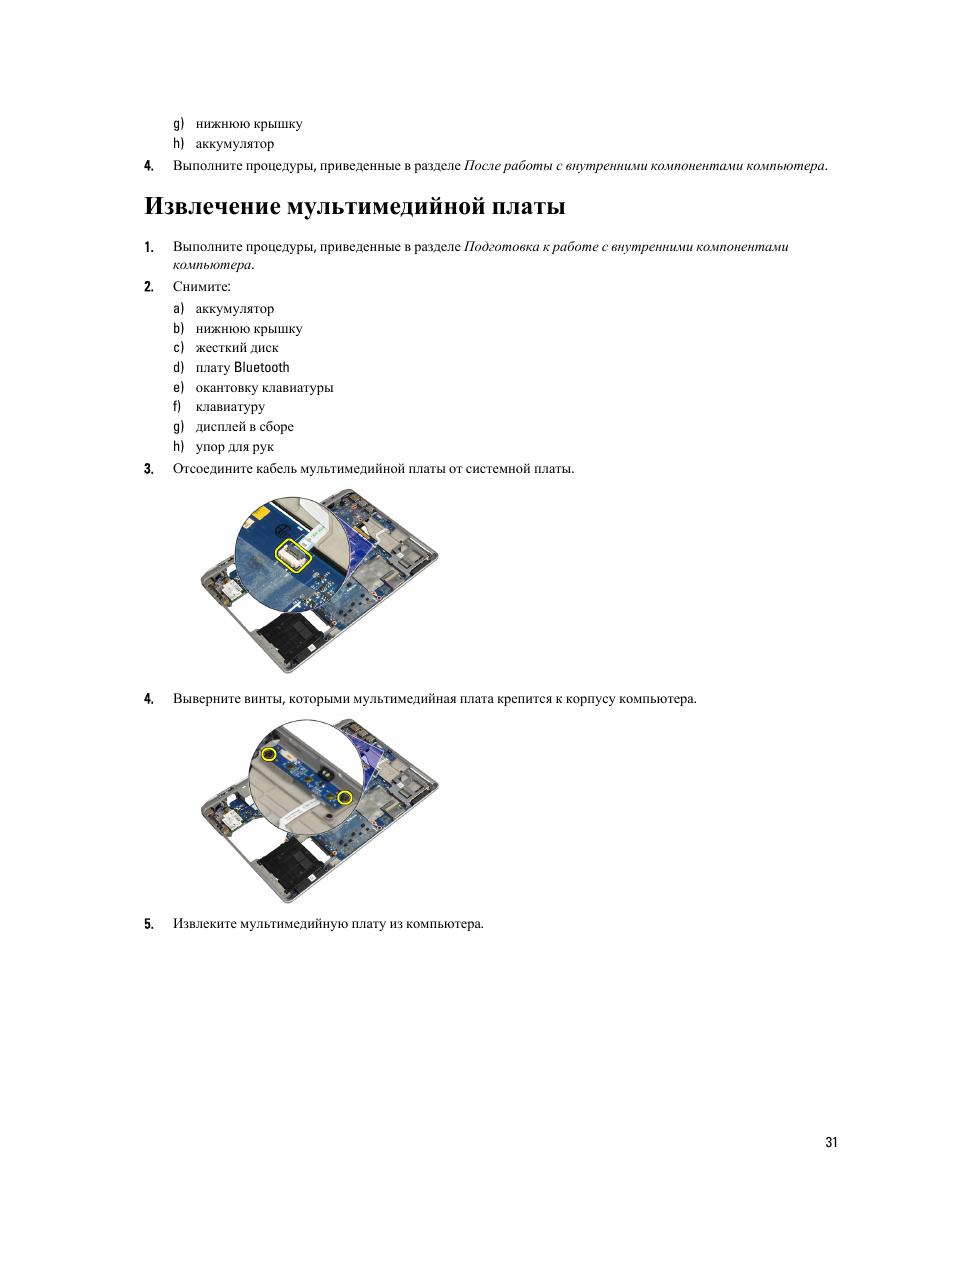 Мультимедийную инструкция